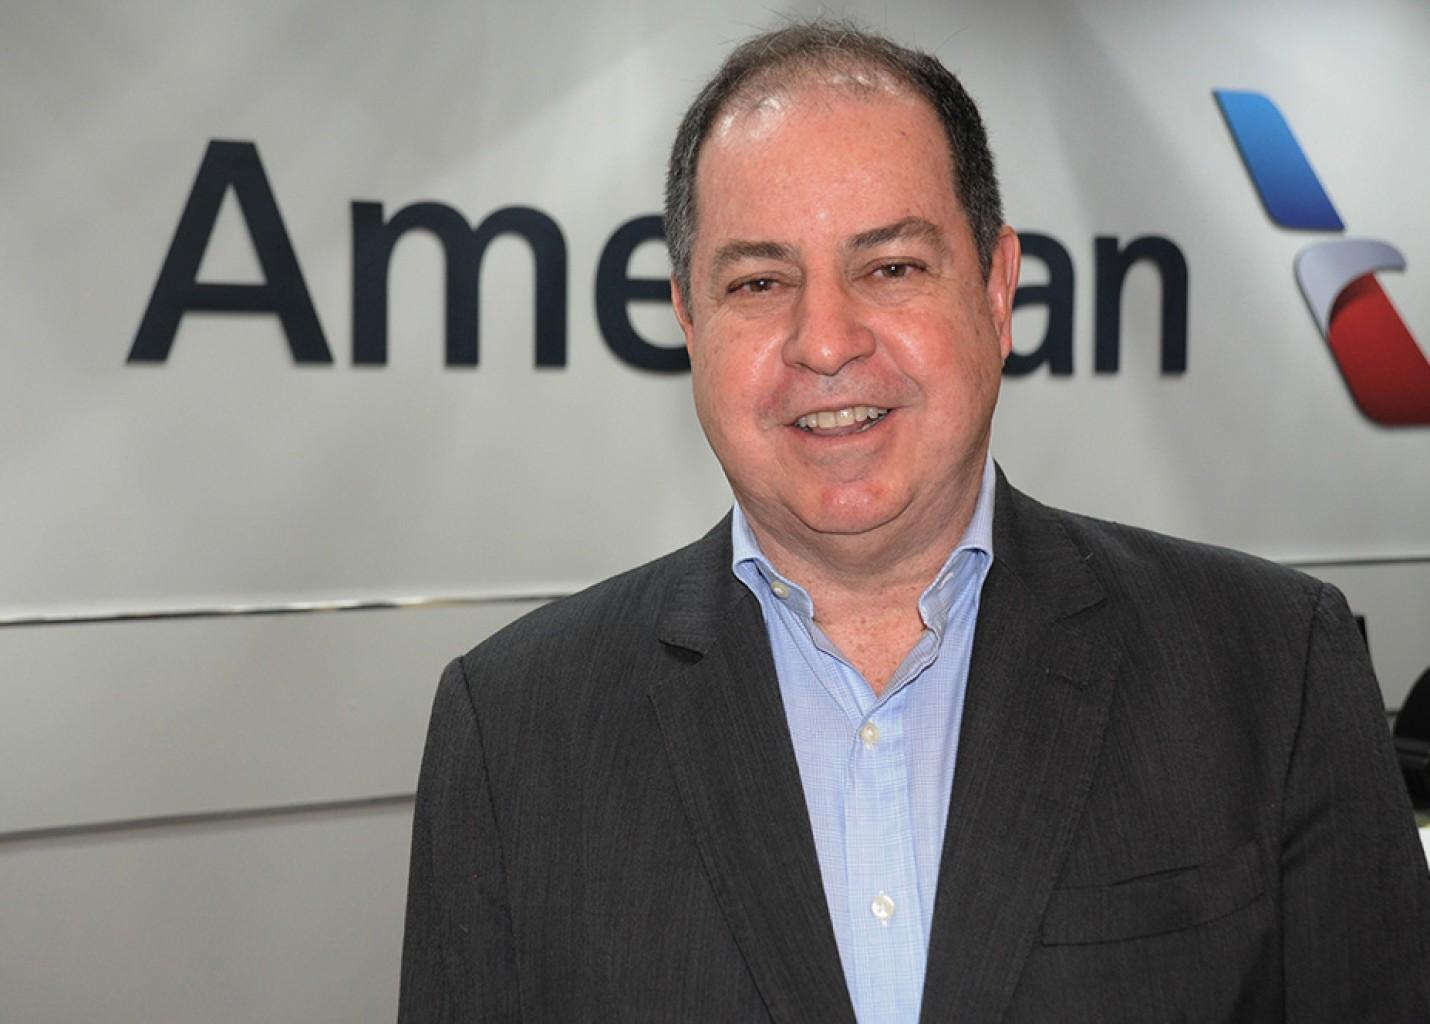 Dilson Verçosa e José Roberto Trinca deixam a American Airlines